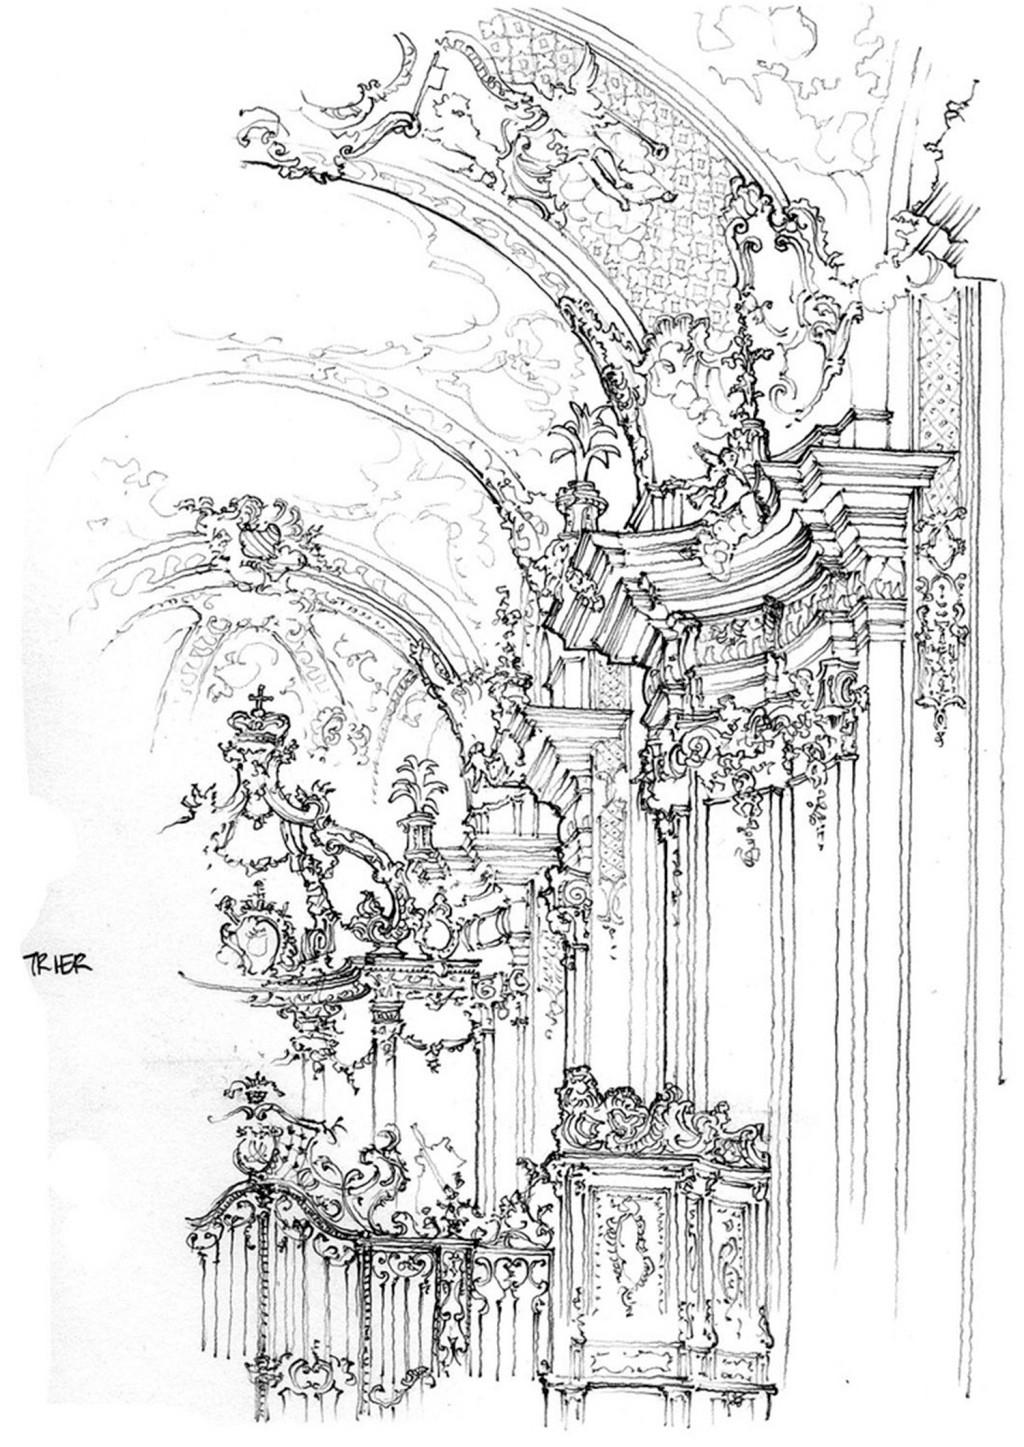 欧式豪华餐厅效果图 建筑平面图素材免费下载 手绘图 图纸 建筑 平面